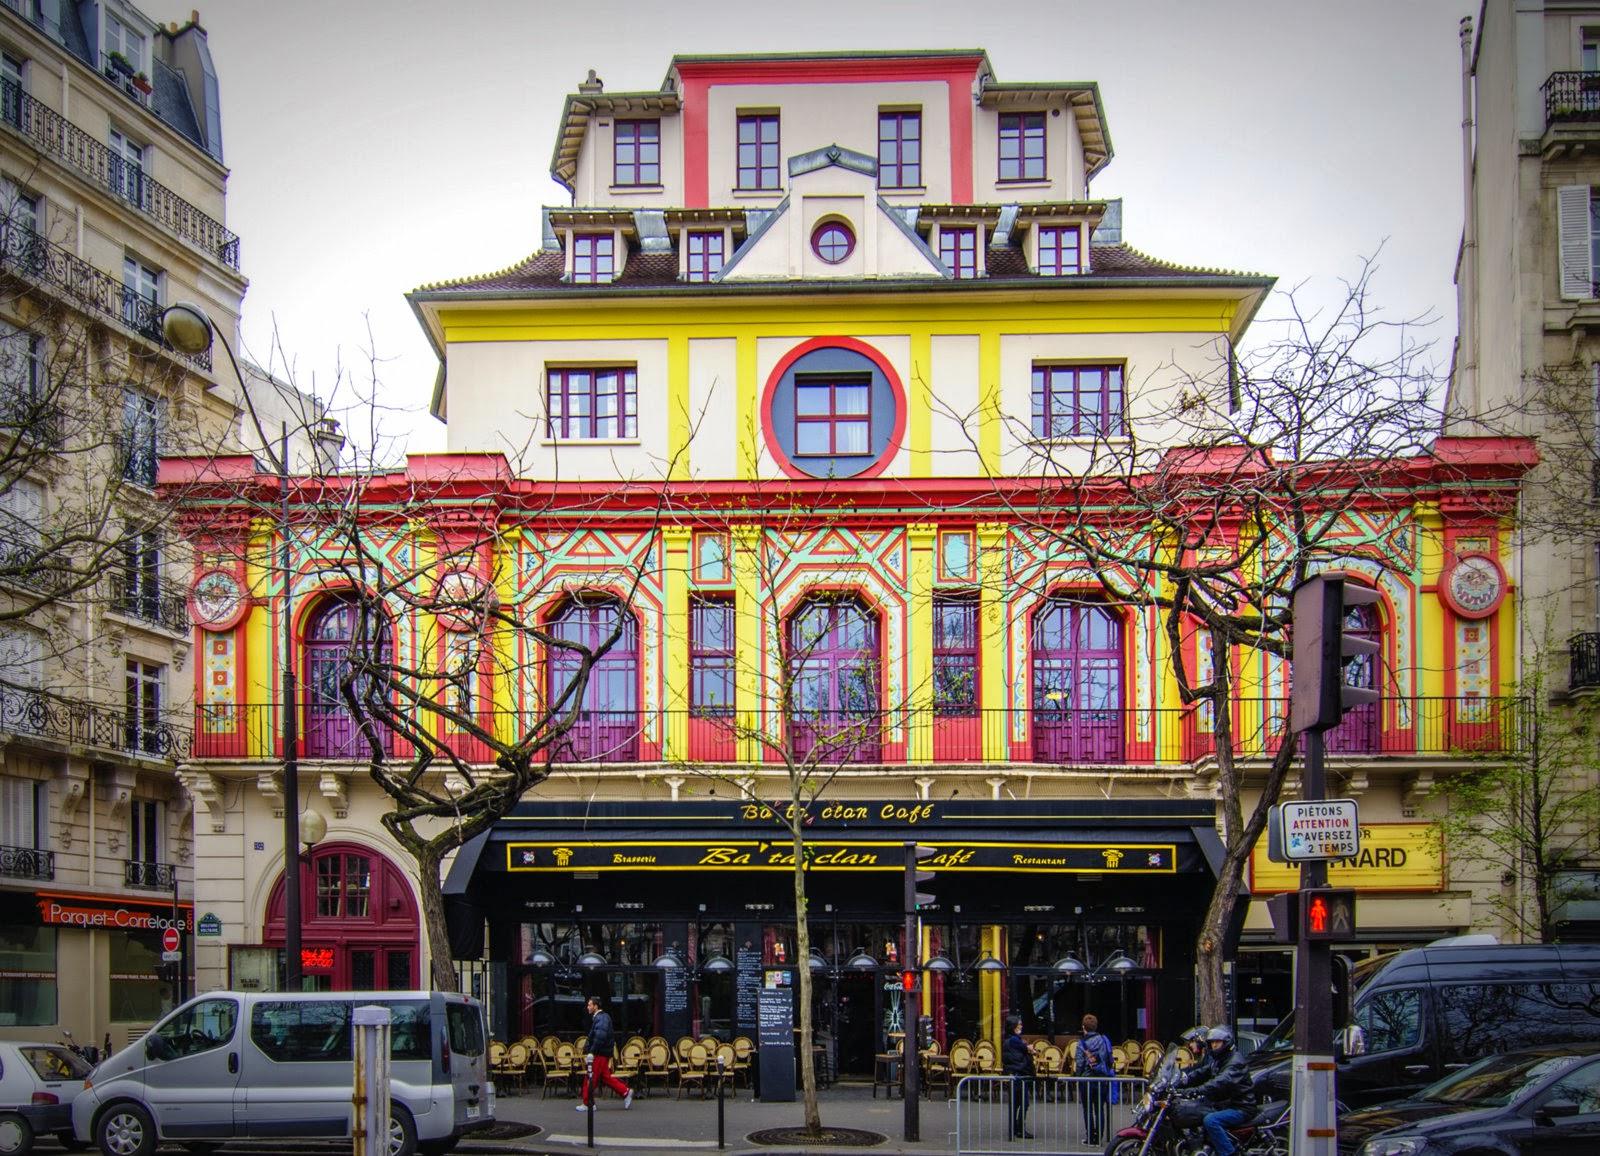 La vida sigue: Sting reabrirá el Bataclán en París, un año después de atentados